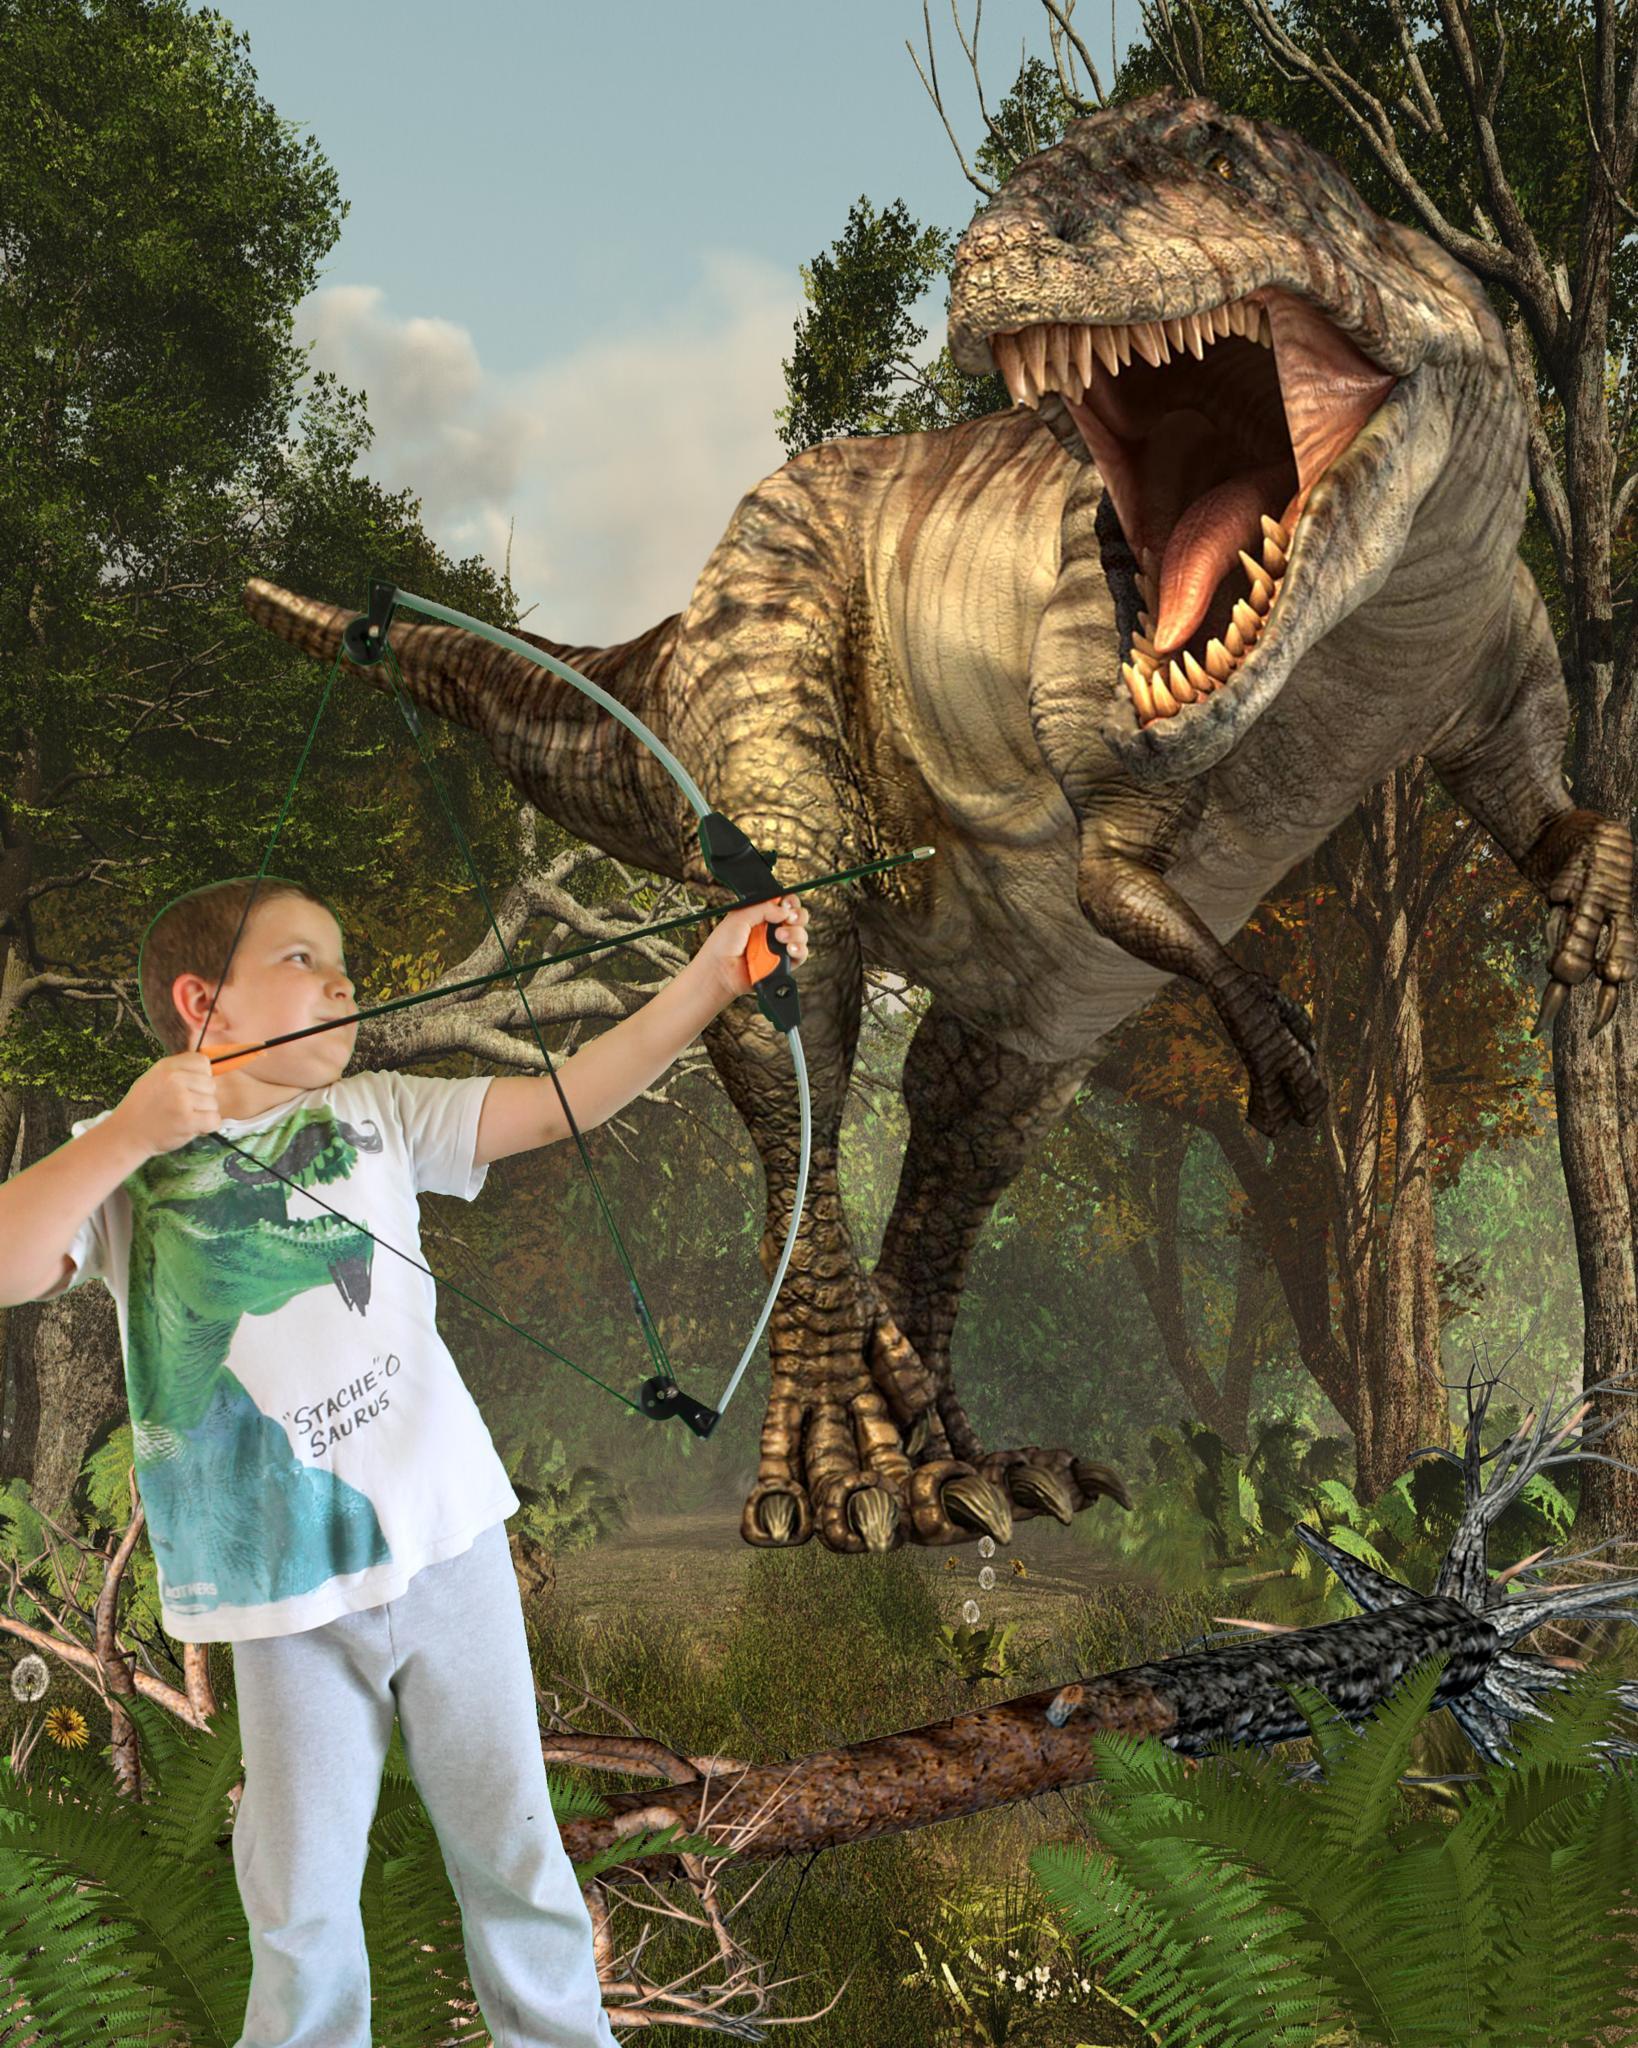 Dino hunter 2 by Annette Olsen